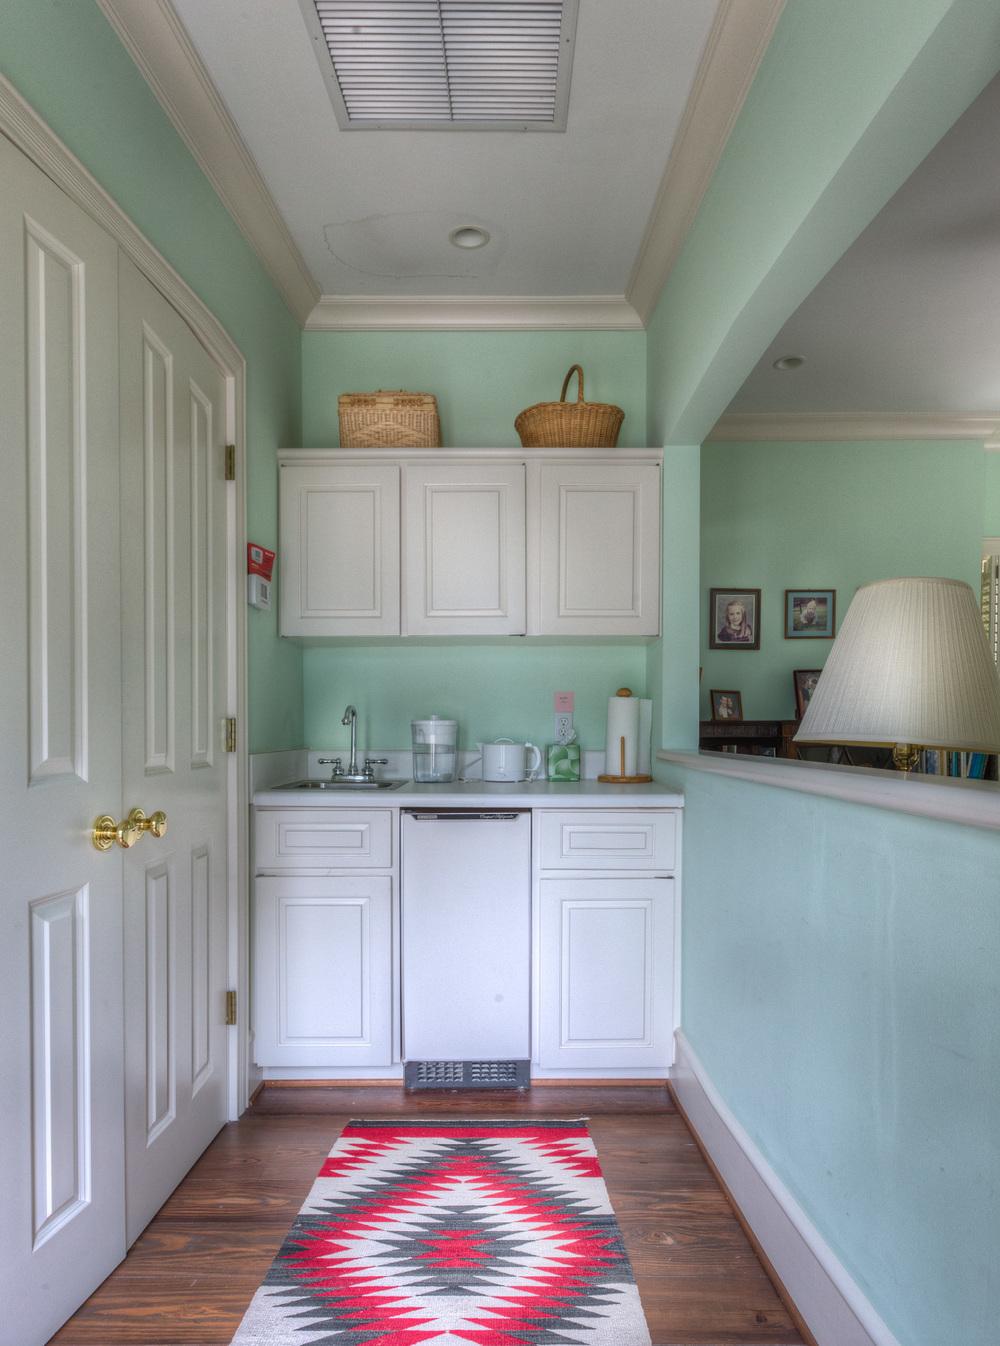 150 kitchenette.jpg